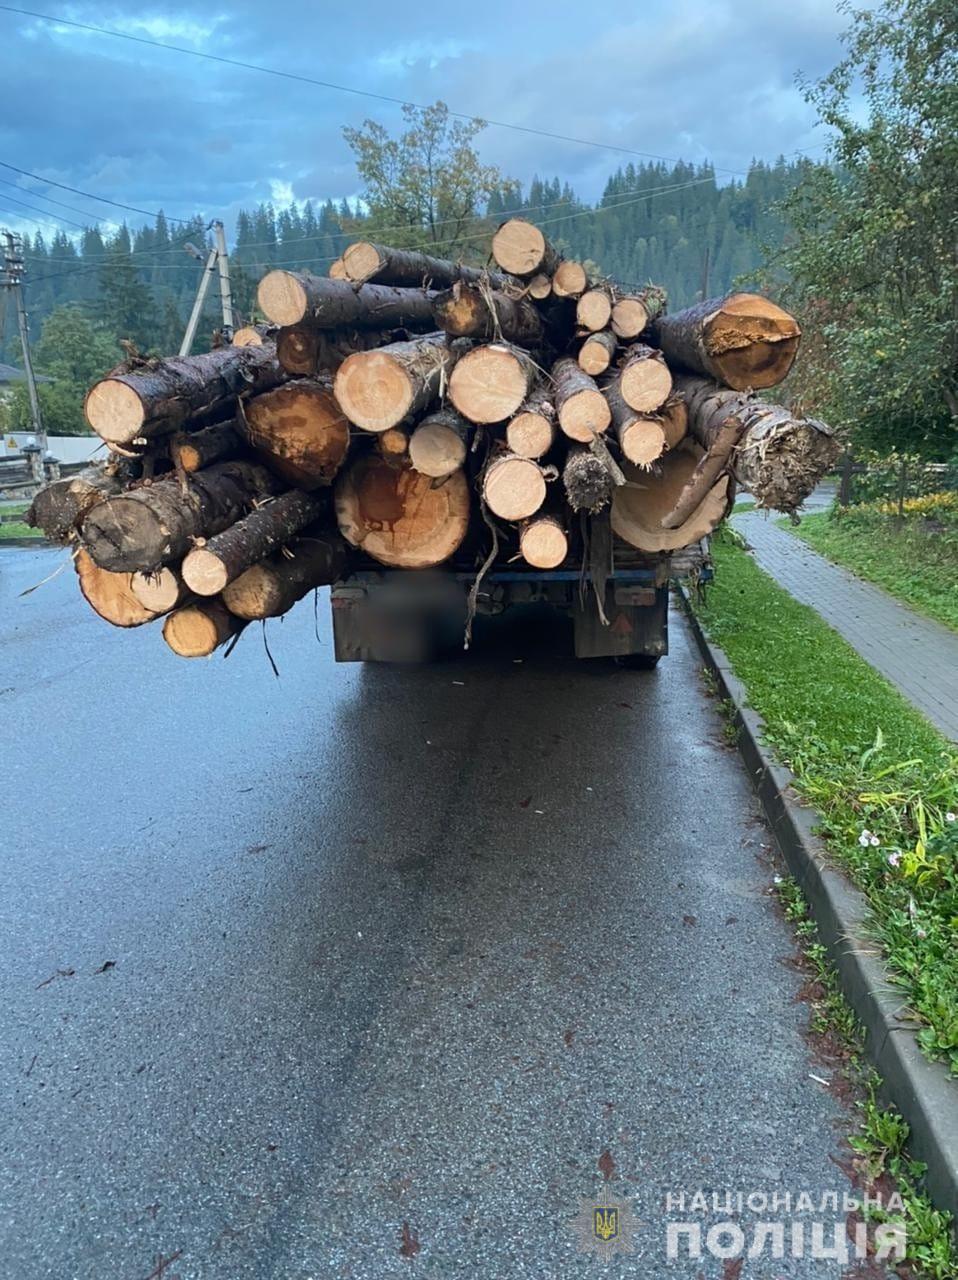 За перевезення деревини без документів, у буковинця вилучили вантажівку та вантаж